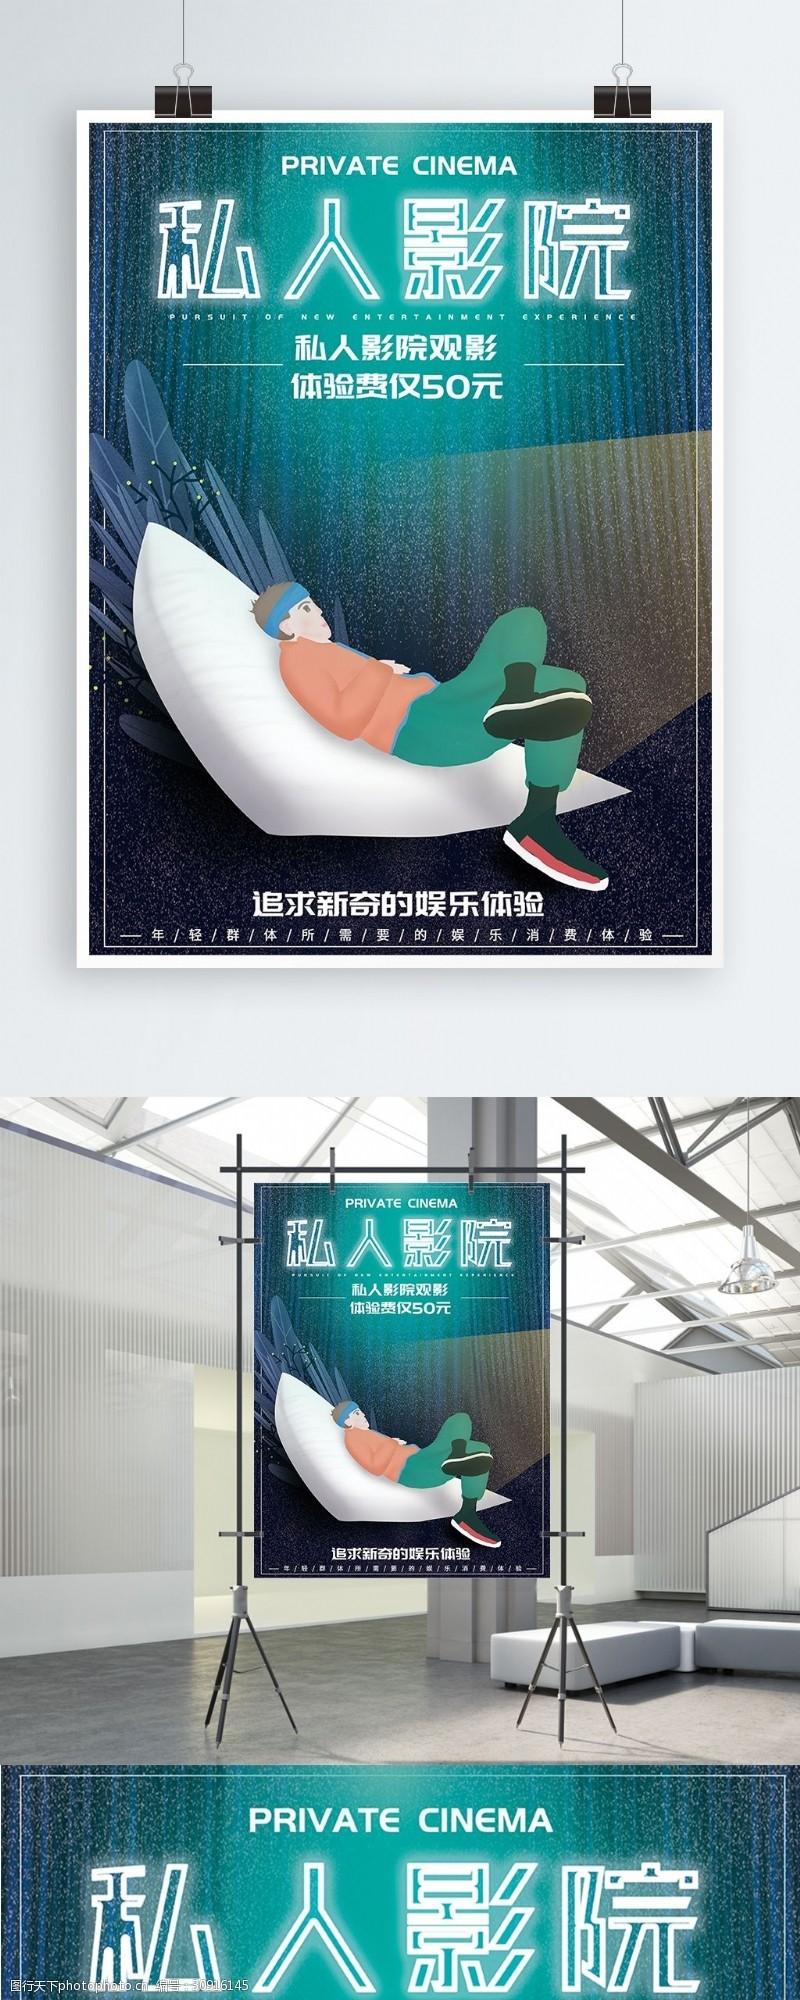 原创插画唯美浪漫梦幻私人影院观影宣传海报